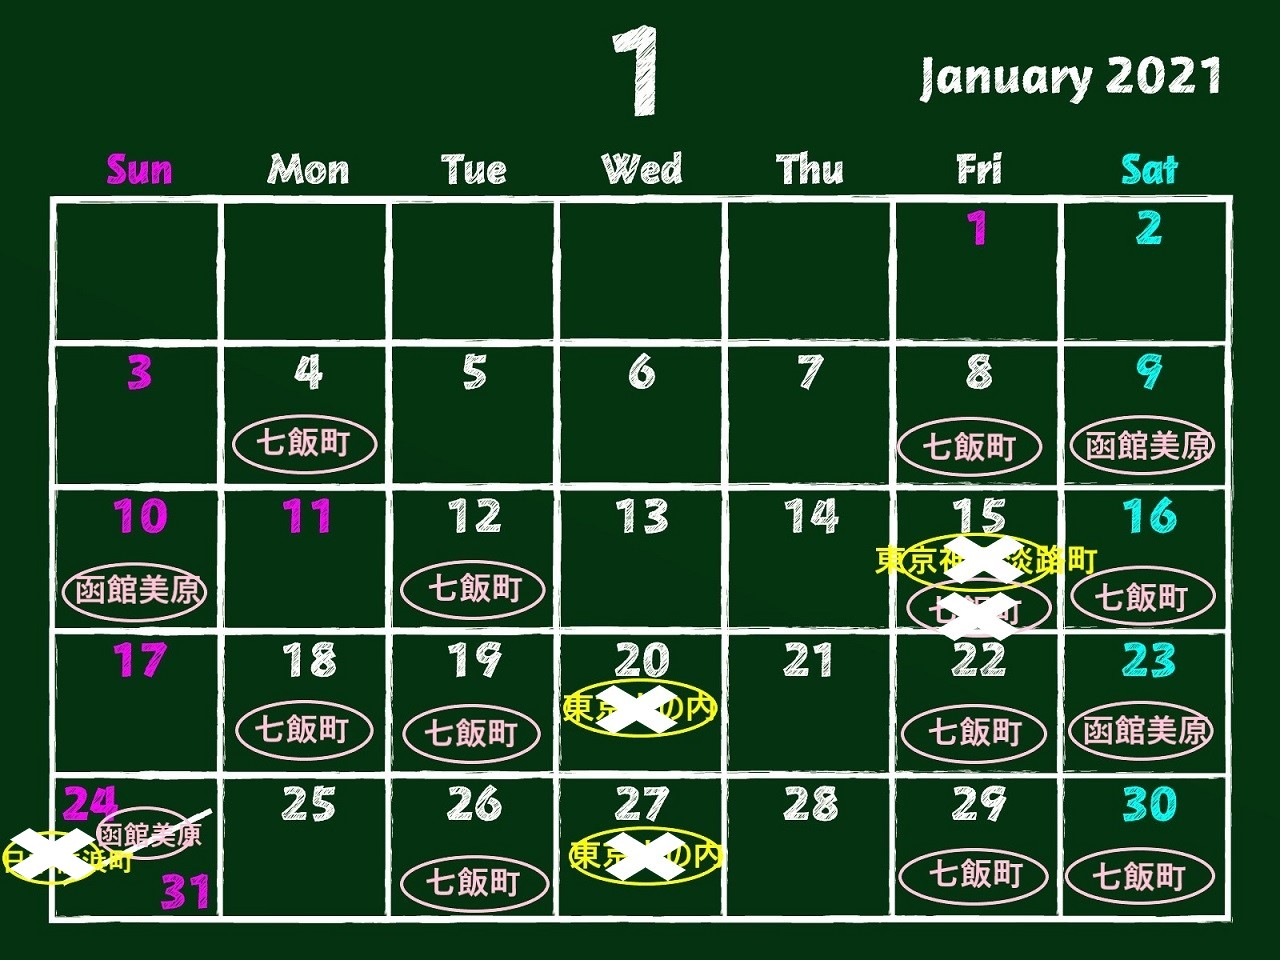 更新*2021年1月スケジュール